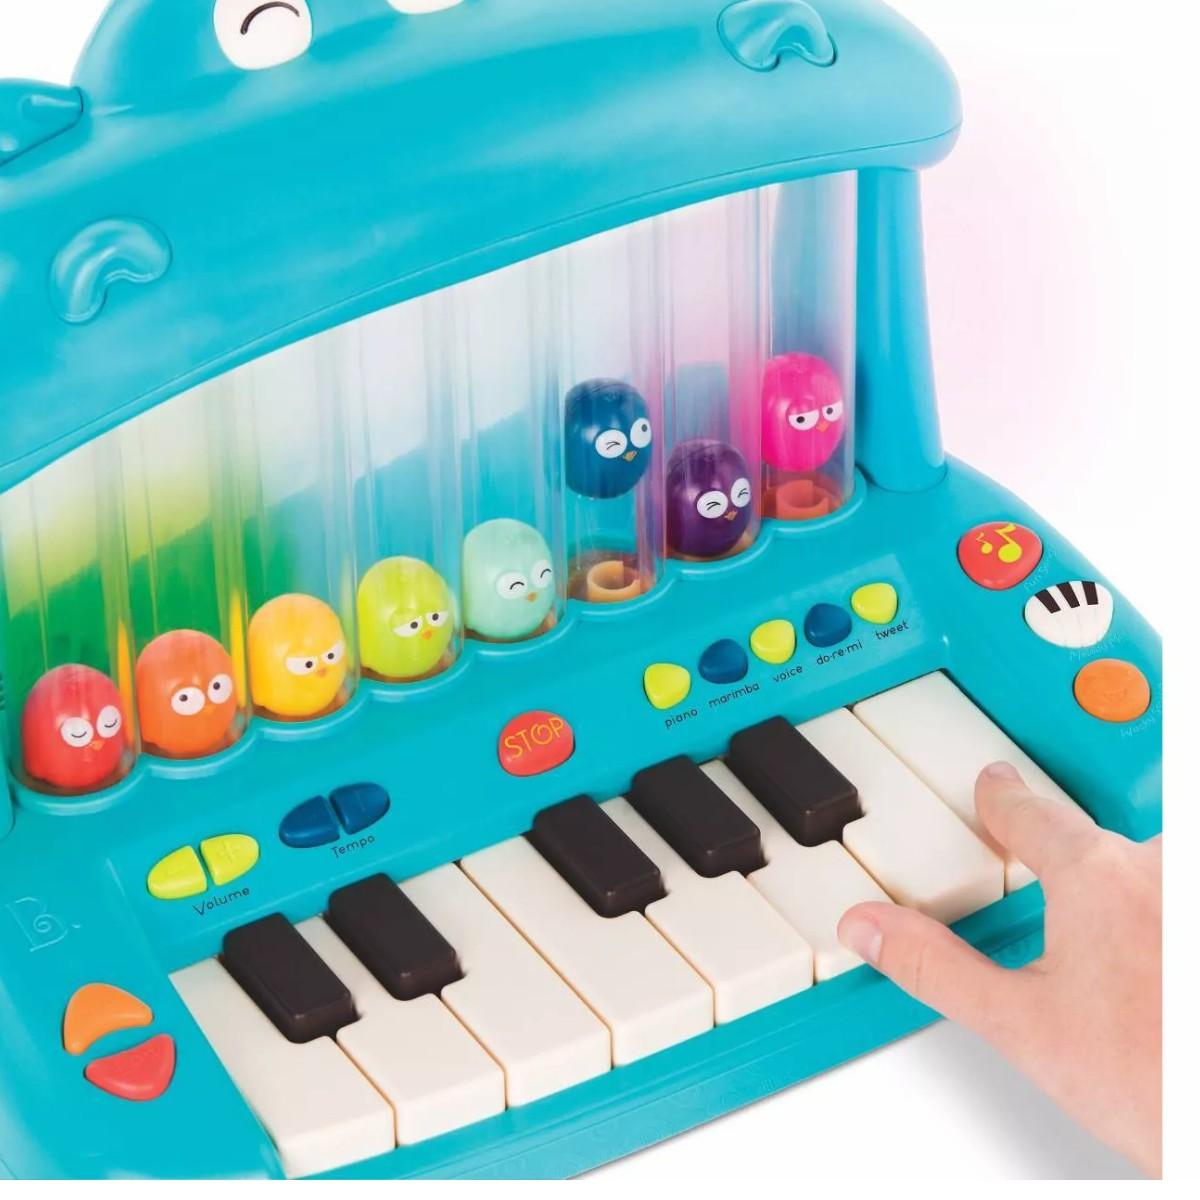 B. Flodhest klaver